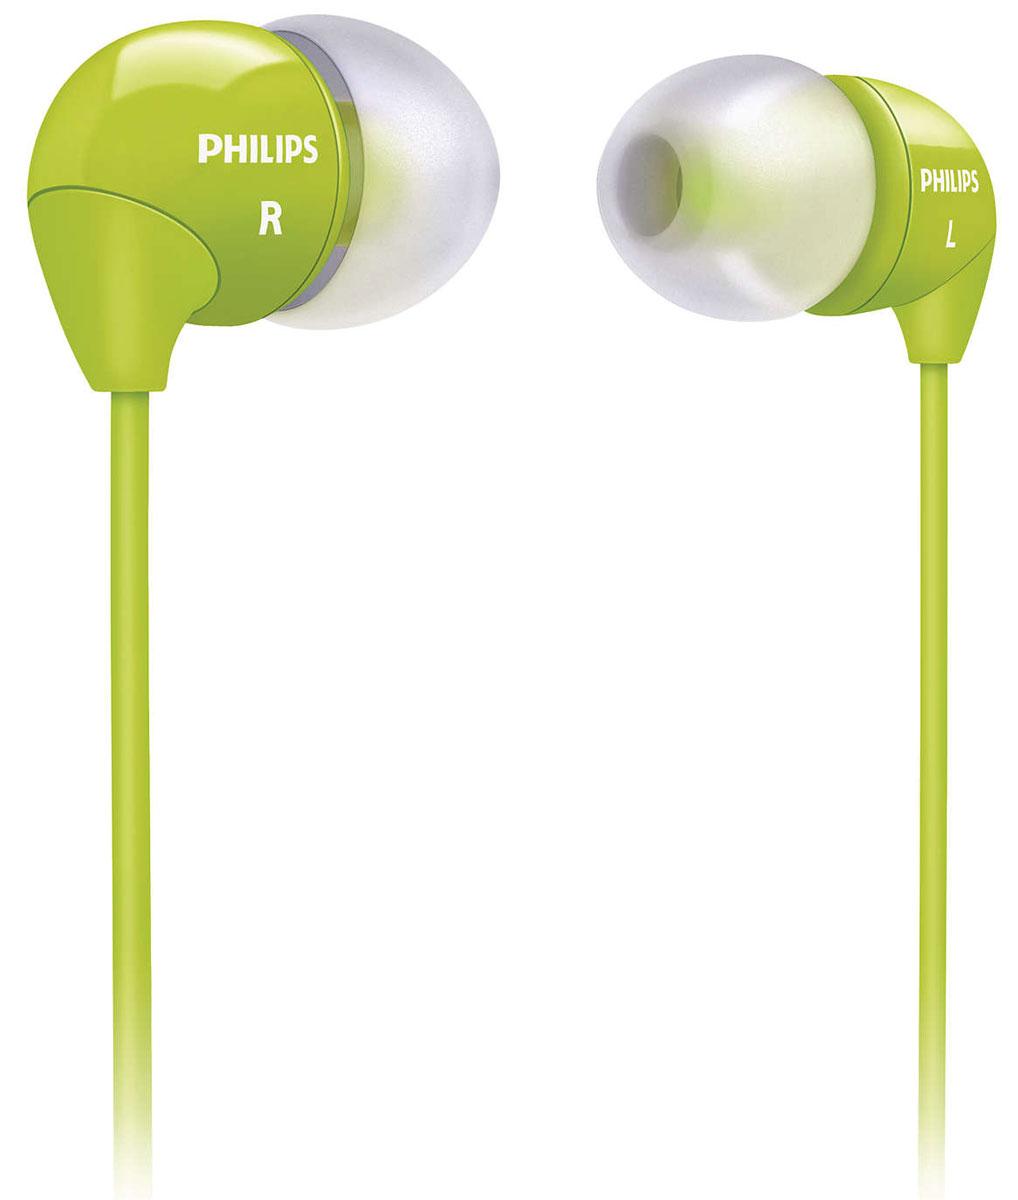 Philips SHE3590GN/10SHE3590GN/10Маленькие громкие динамики наушников-вкладышей Philips SHE3590 обеспечивают плотное прилегание и чистый звук с мощными басами. Идеальны для наслаждения любимой музыкой.В комплект входит 3 резиновых накладки разного размера, и вы гарантированно подберете пару, которая идеально подходит к вашим ушам. Крохотные излучатели обеспечивают плотность прилегания и полностью заполняют ушную раковину, что заглушает внешние источники звука и увеличивает впечатления от прослушивания. Мягкий резиновый сгиб между наушником и кабелем защищает соединение от разрыва при постоянном сгибании и продлевает срок службы.